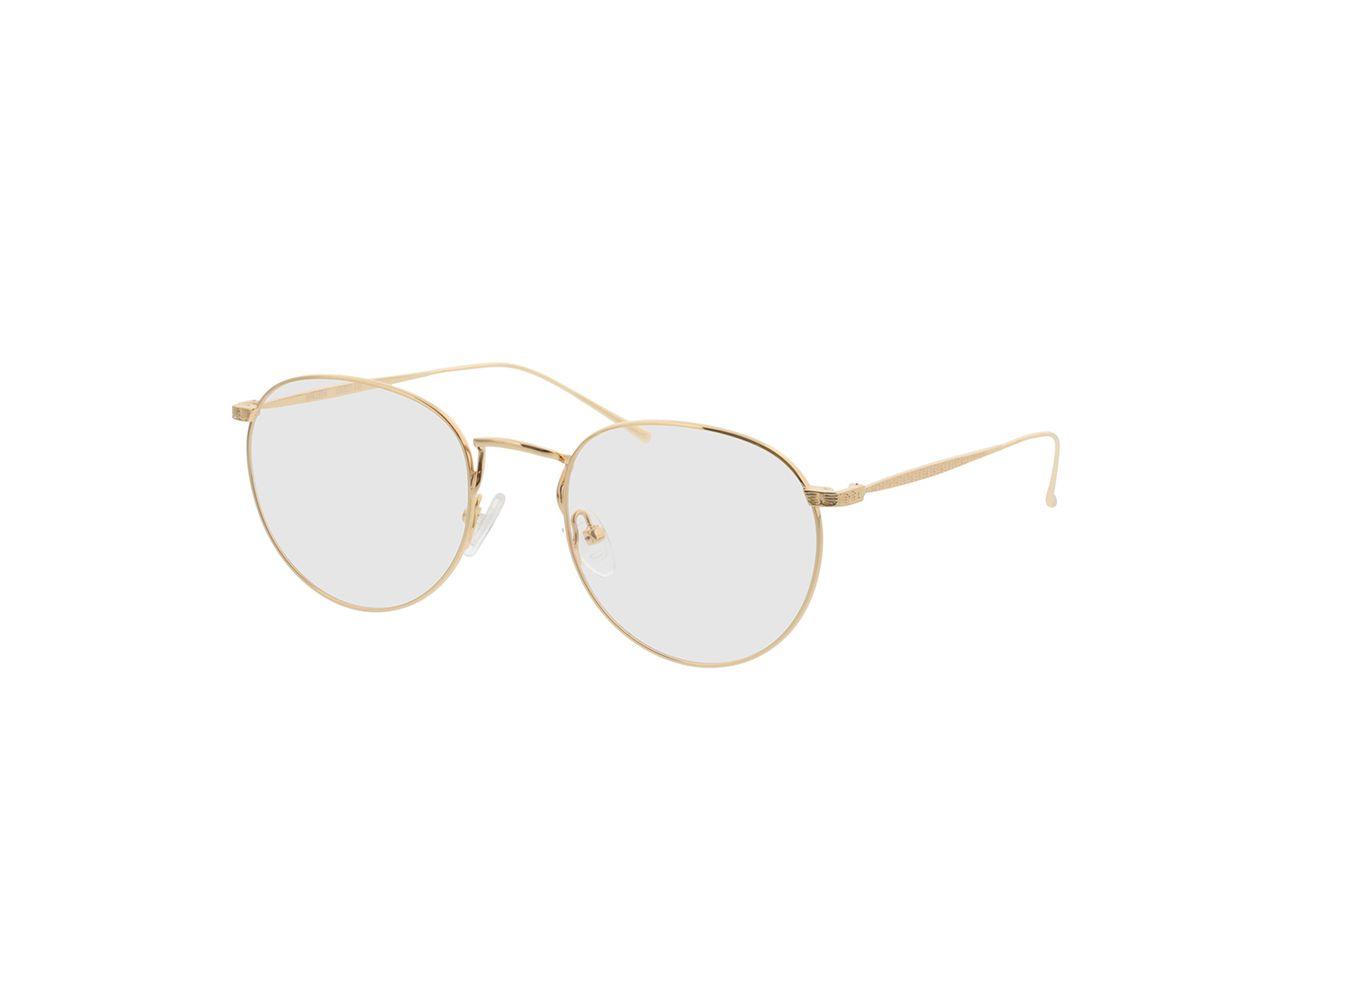 4810-singlevision-0000 Macon-gold Gleitsichtbrille, Vollrand, Rund Brille24 Collection